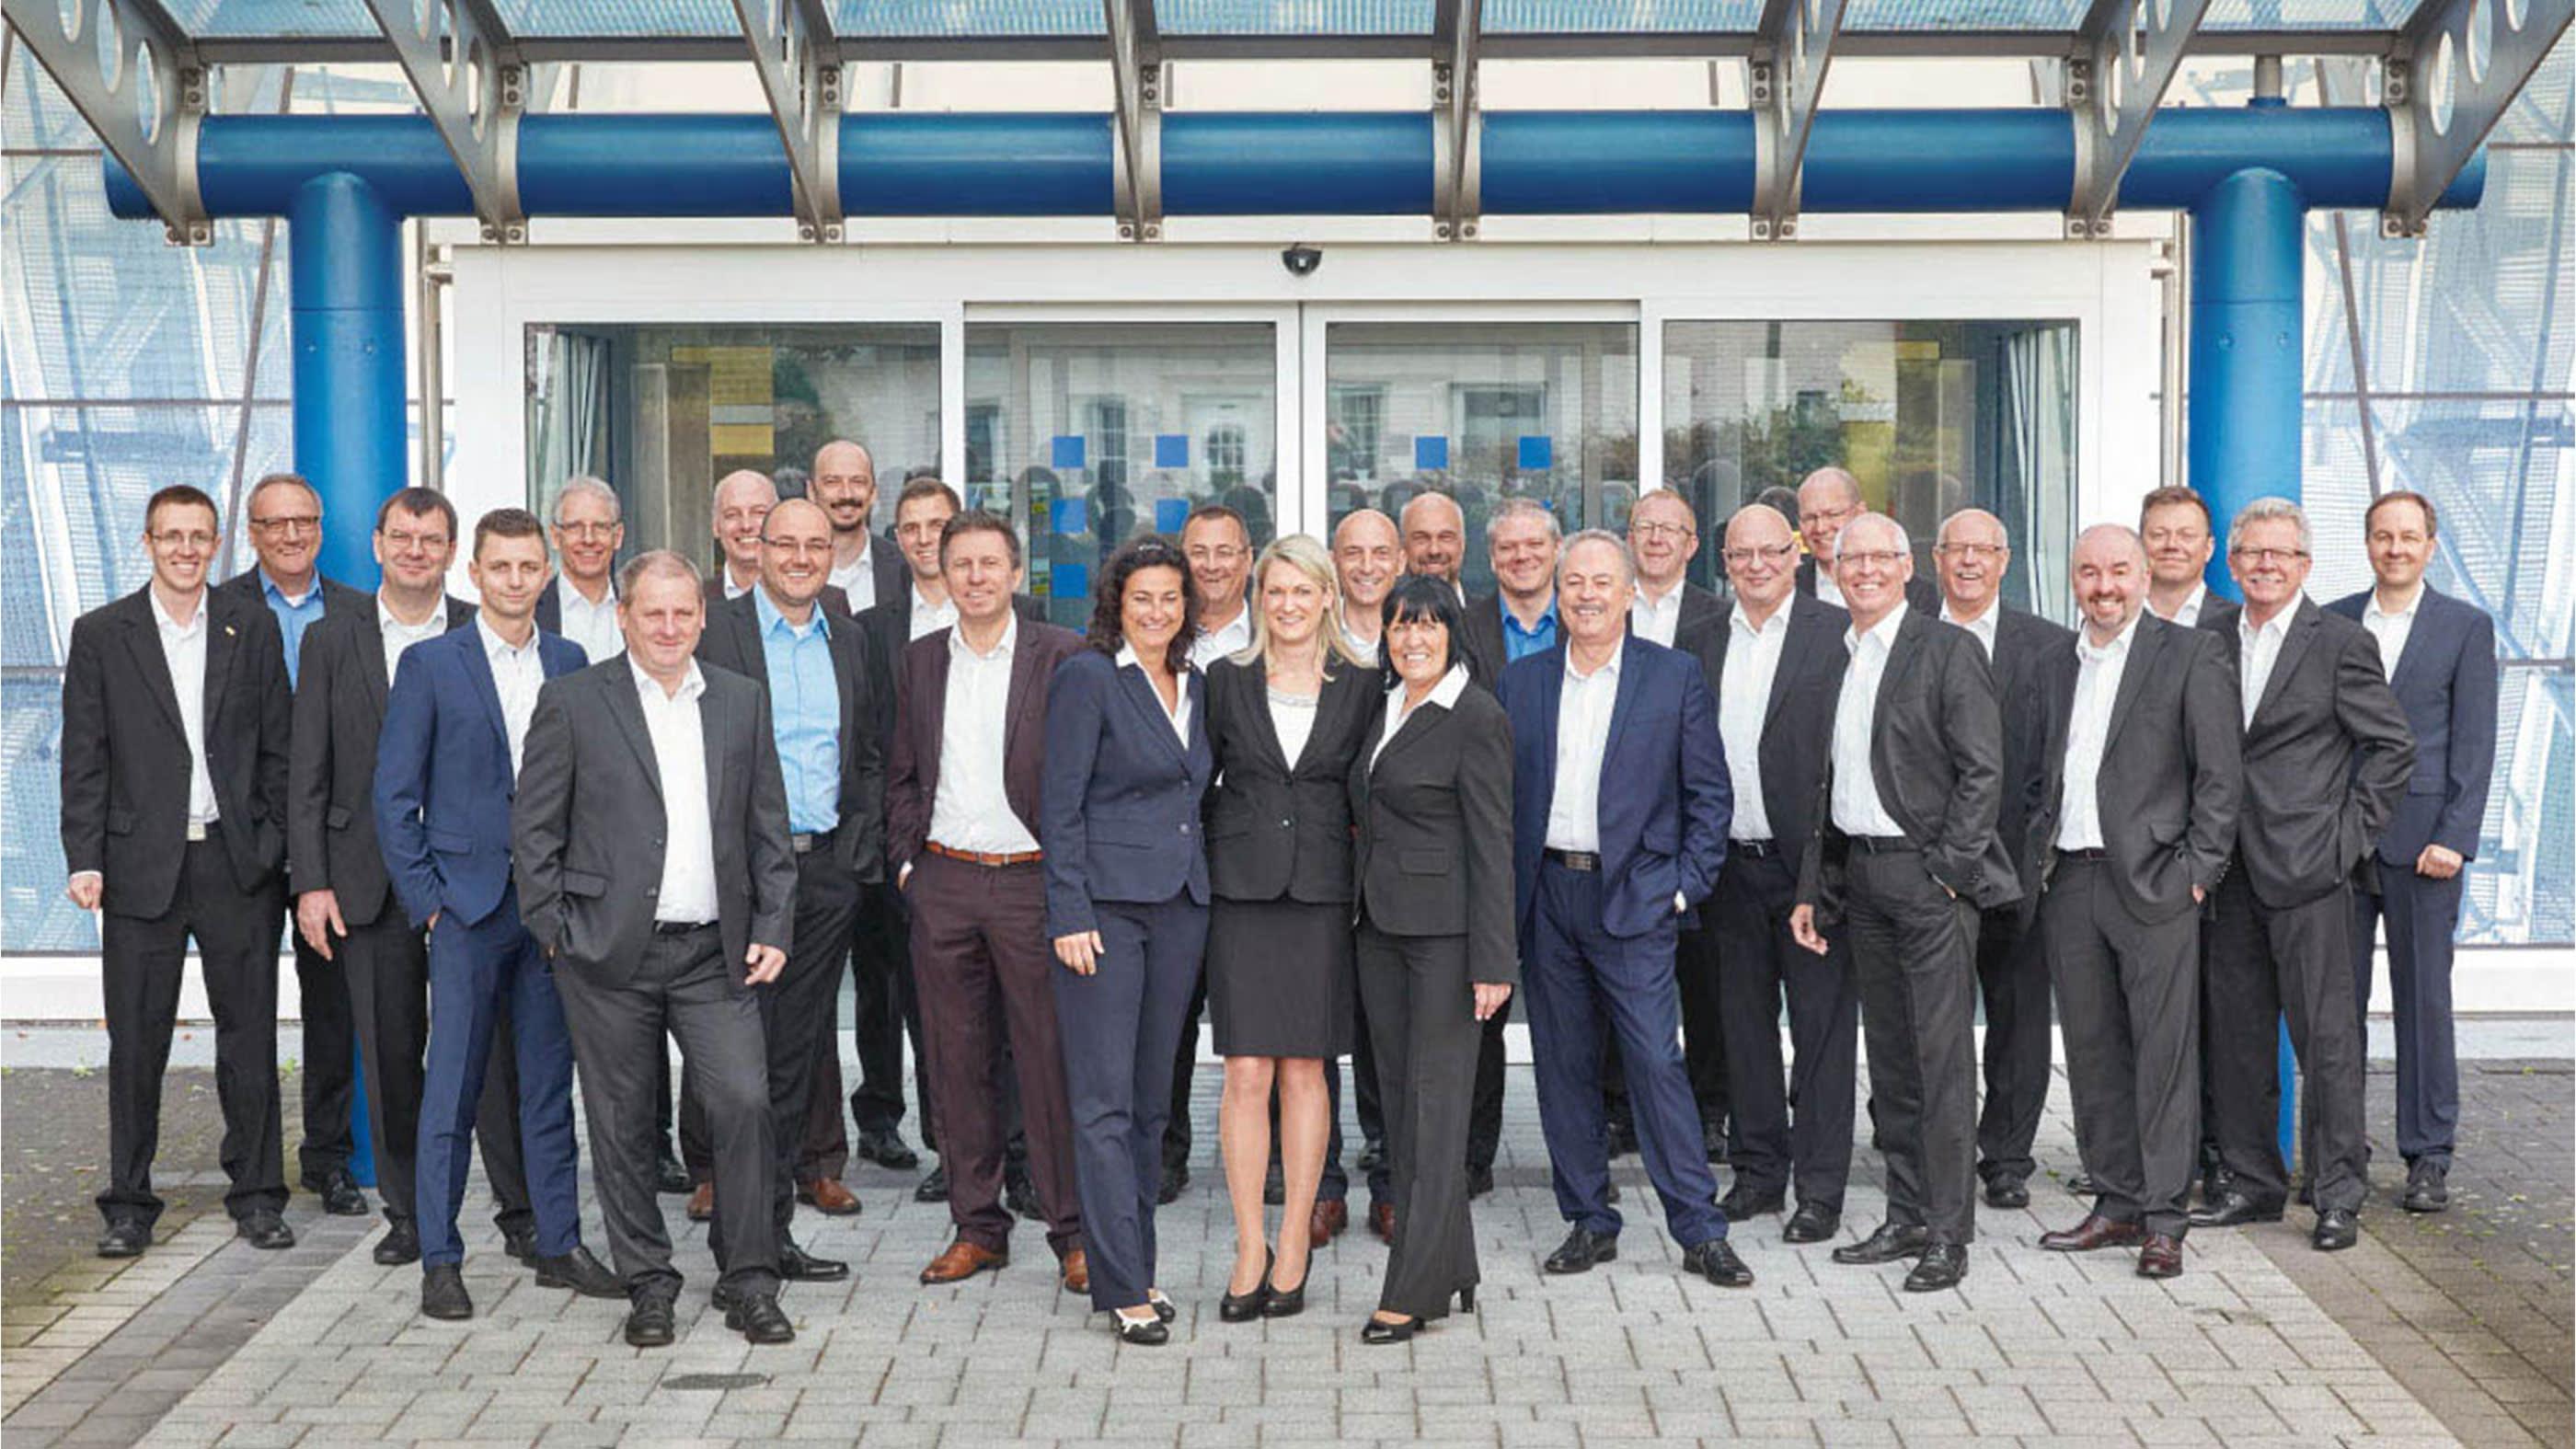 Erfahrungsbericht SSI SchäferShop - Mercateo Unite